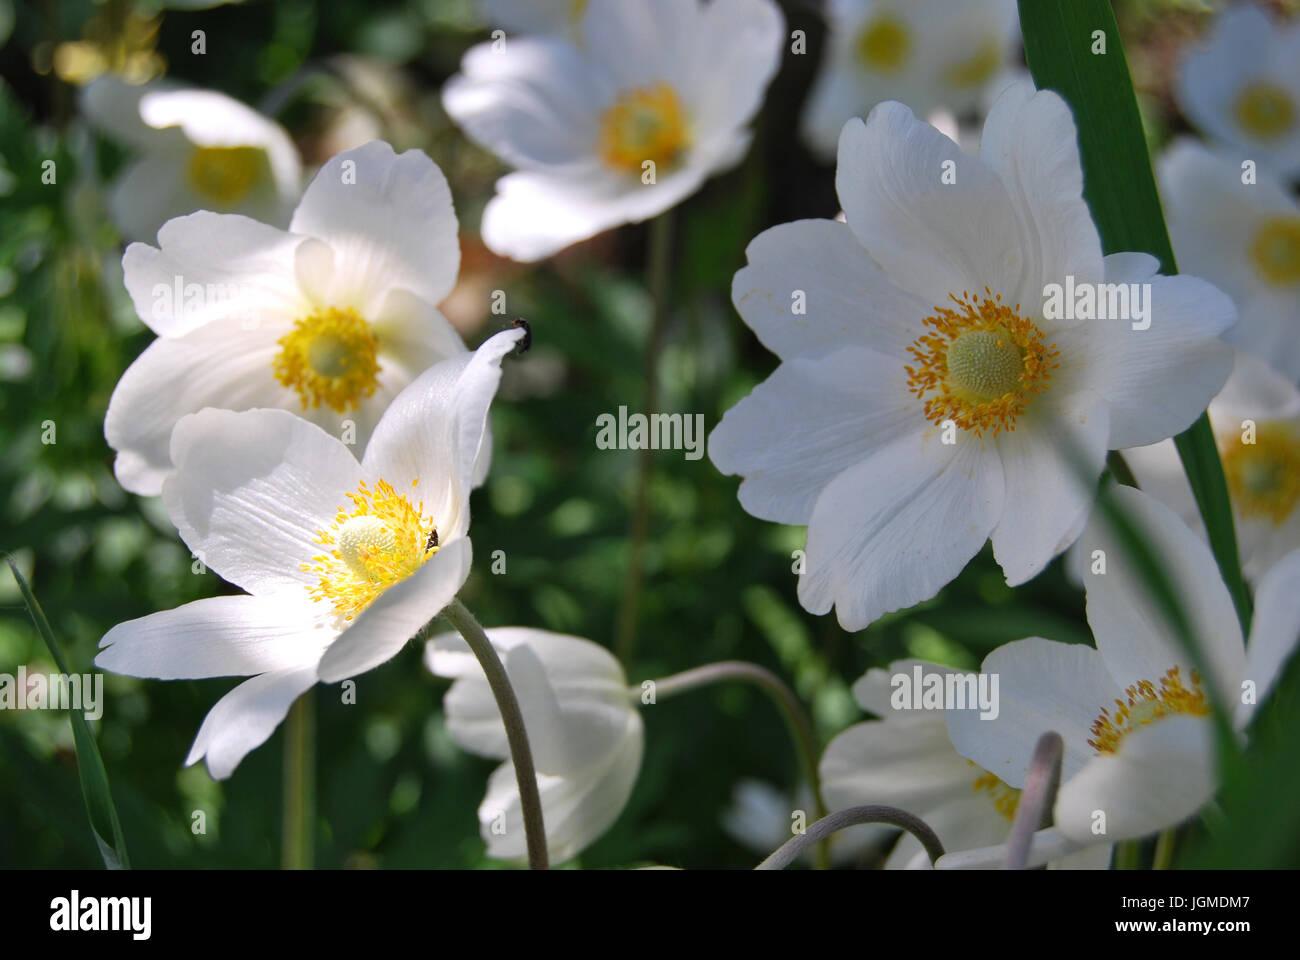 Fiori Bianchi Con Centro Nero.Fiore Bianco Con Centro Giallo Immagini Fiore Bianco Con Centro